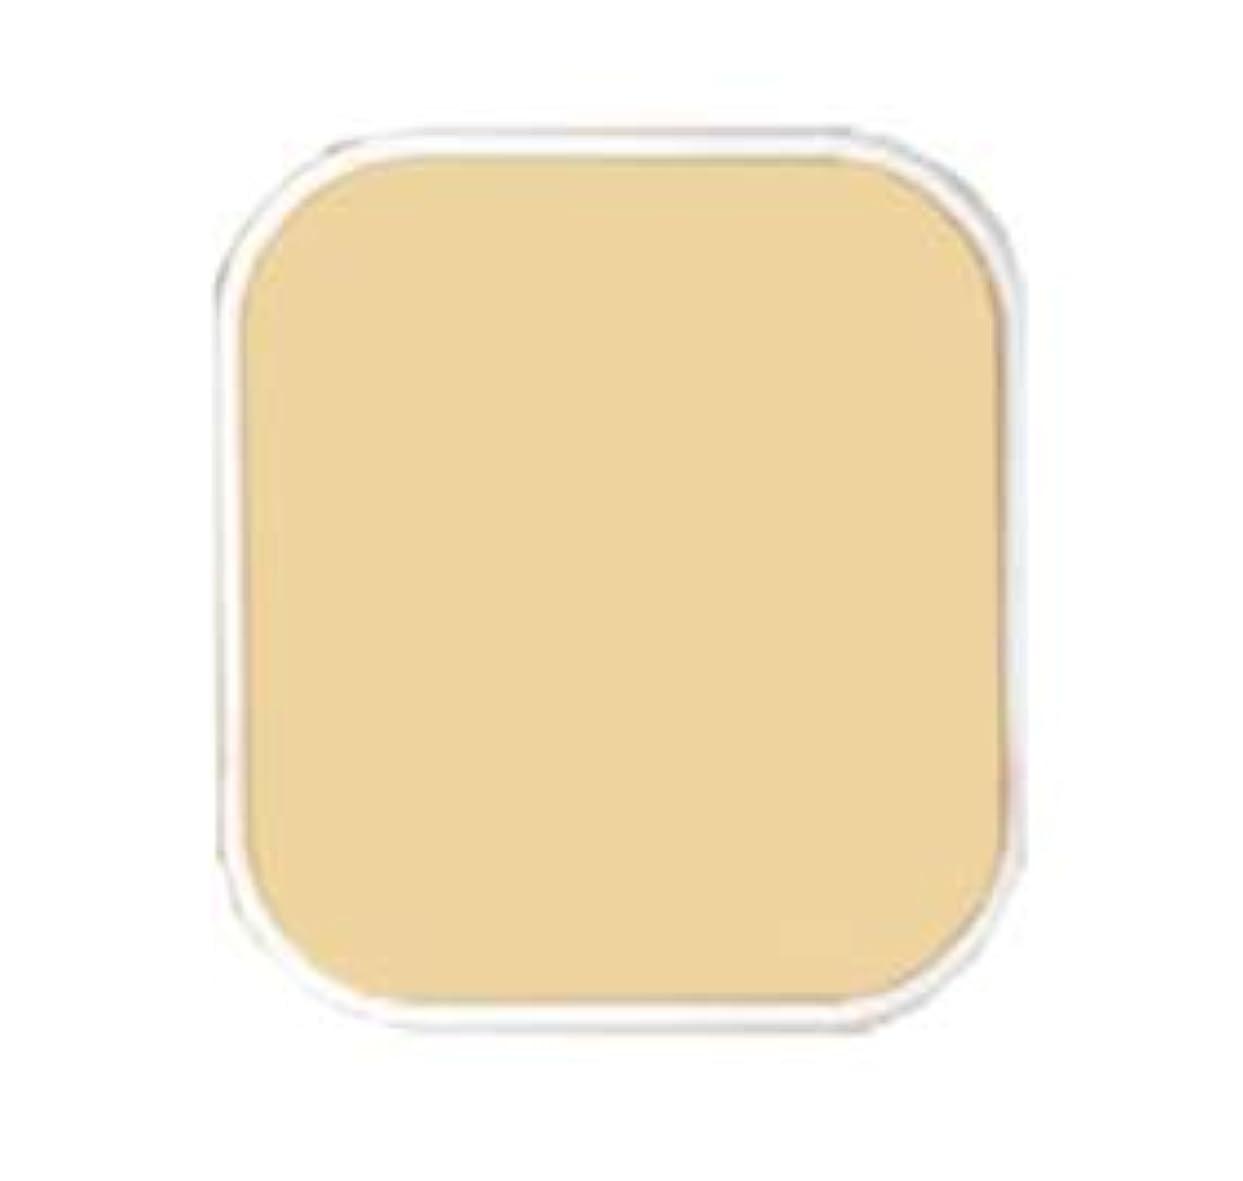 範囲頬セメントアクセーヌ クリーミィファンデーションPV(リフィル)<O10明るいオークル系>※ケース別売り(11g)